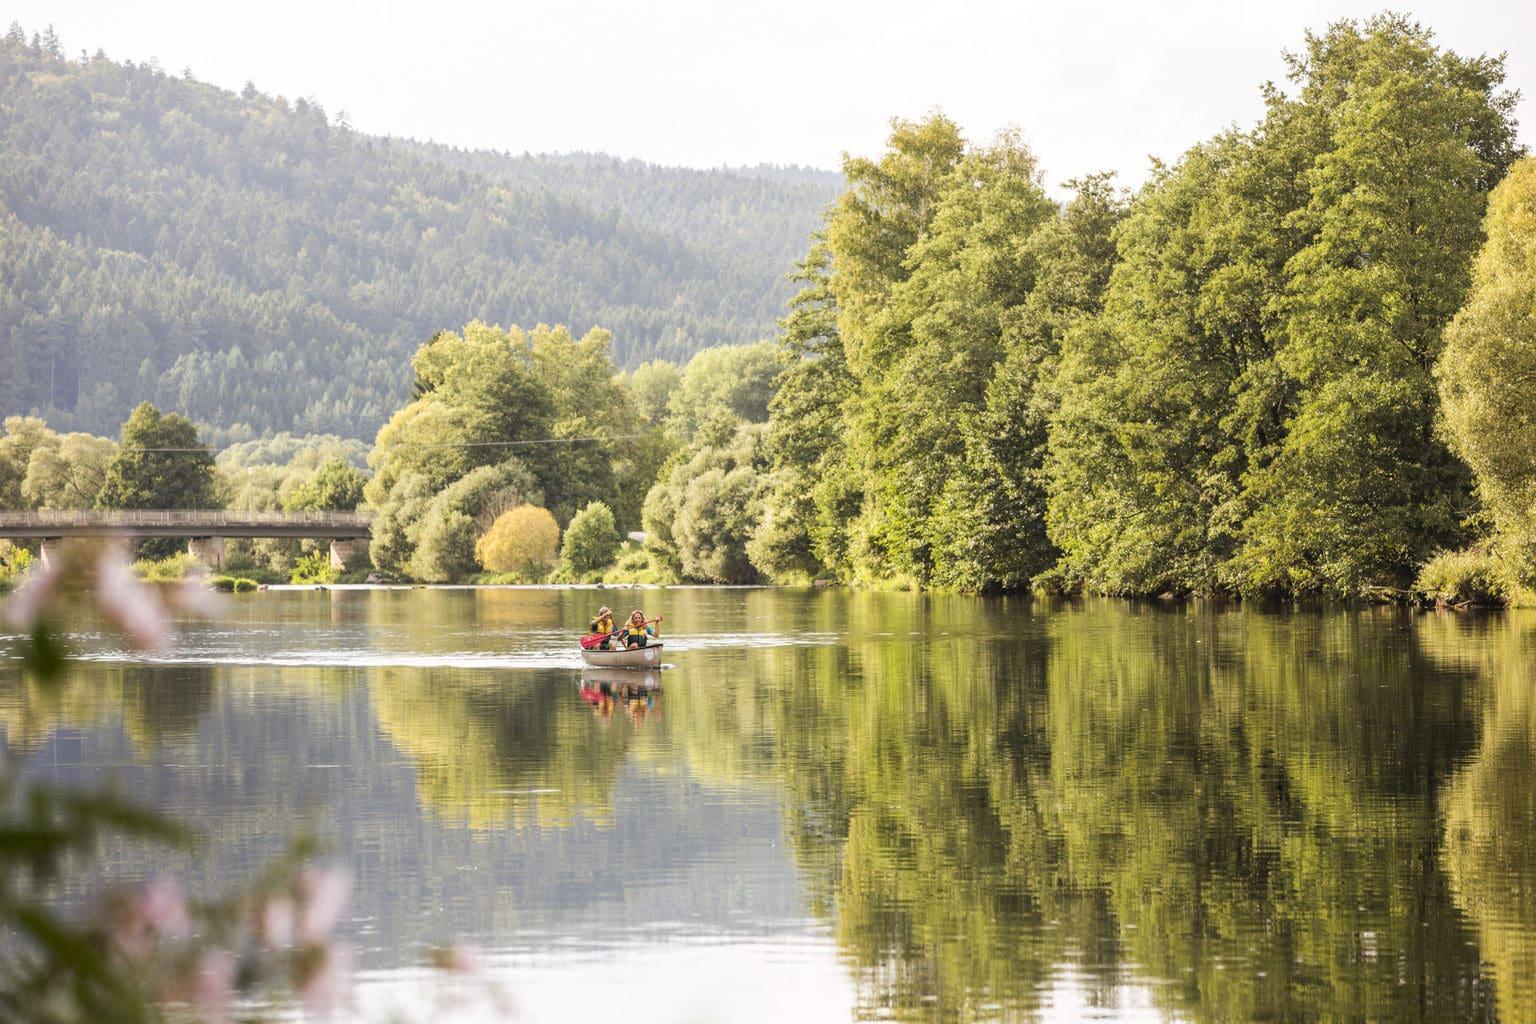 Een kano op de rivier Regen in het Beierse woud in Duitsland